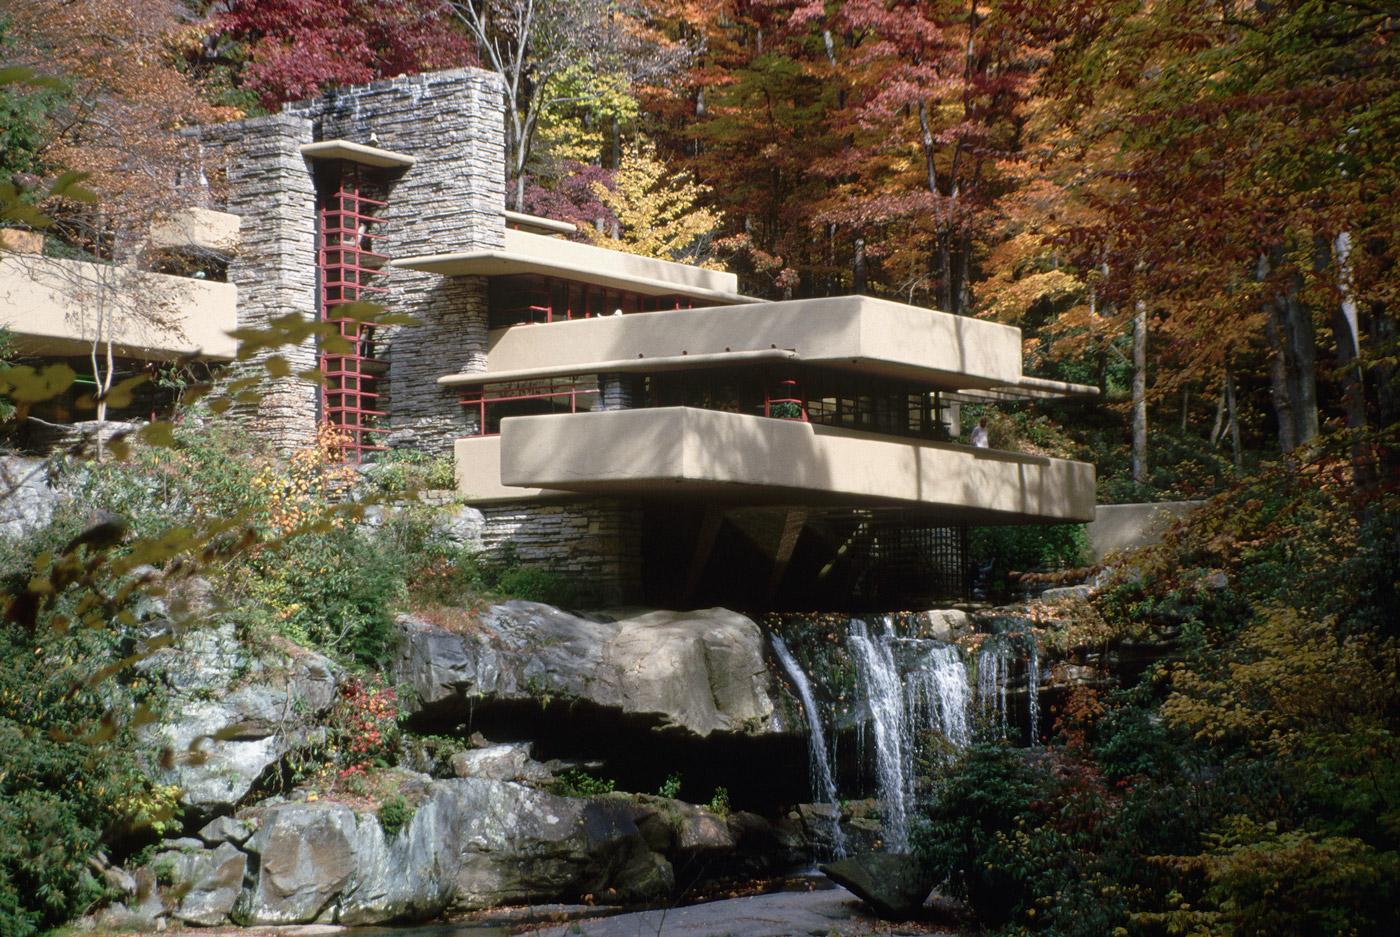 8 architetture di Frank Lloyd Wright Patrimonio dell'Unesco - Foto